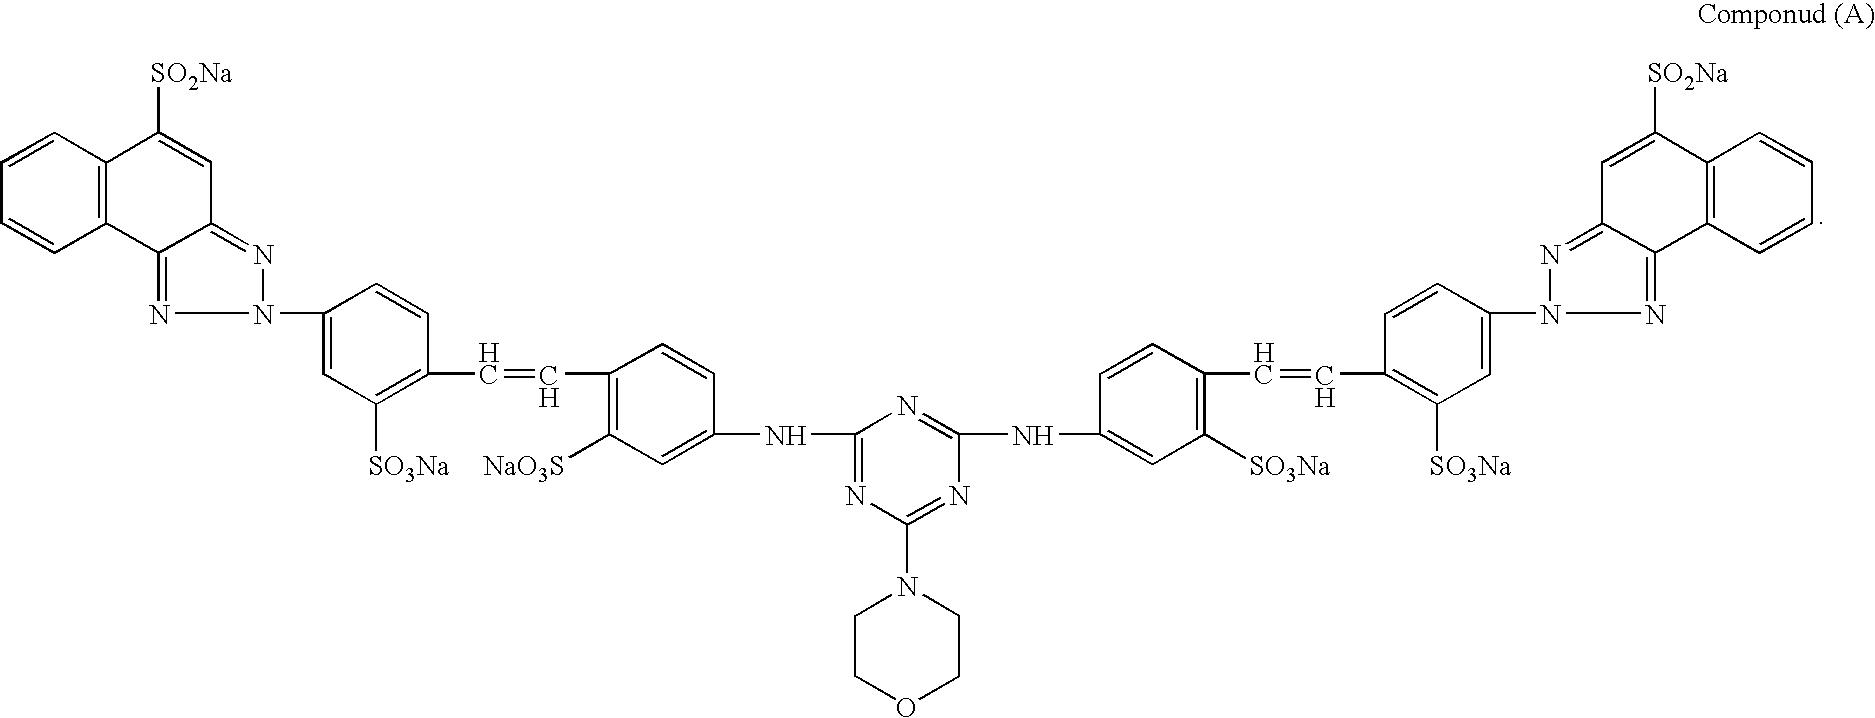 Figure US20070034114A1-20070215-C00027